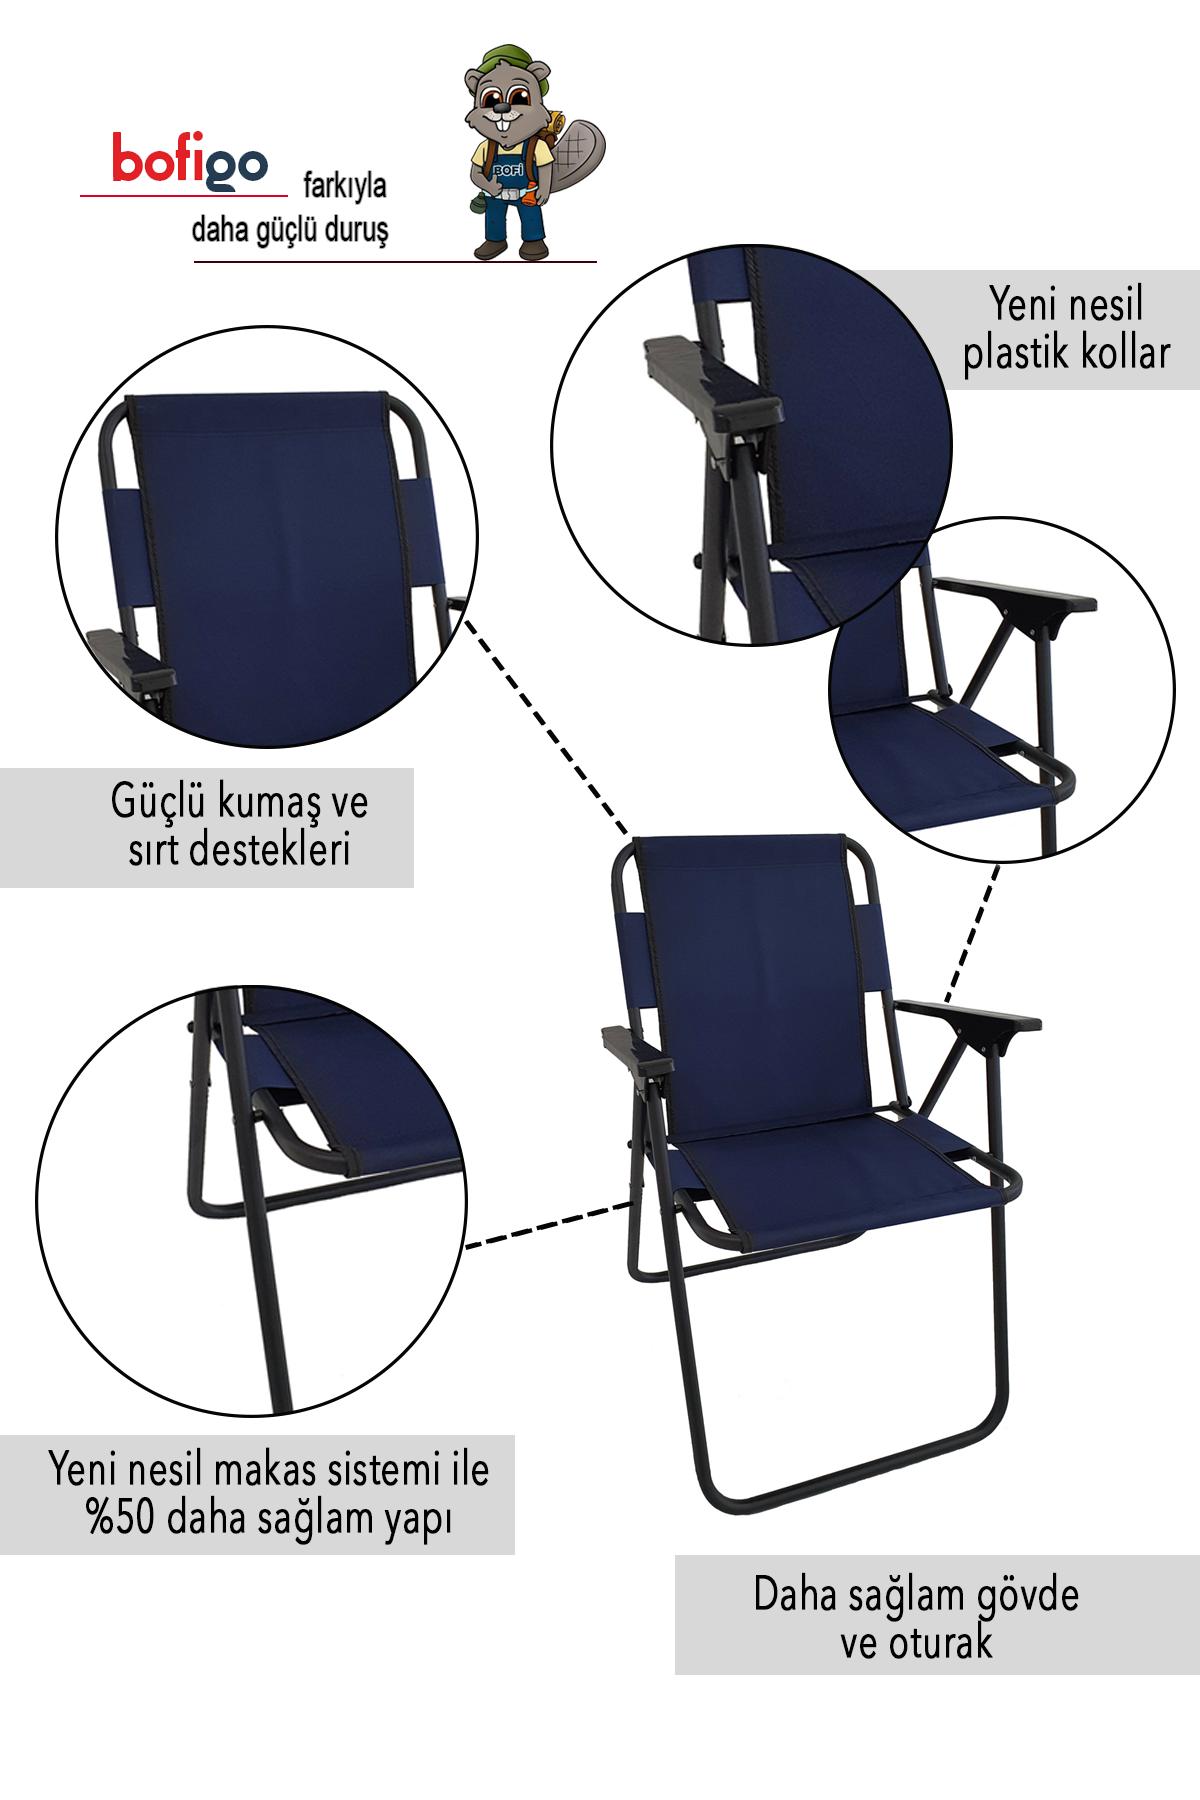 Bofigo 2 Adet Kamp Sandalyesi Katlanır Sandalye Piknik Sandalyesi Plaj Sandalyesi Lacivert